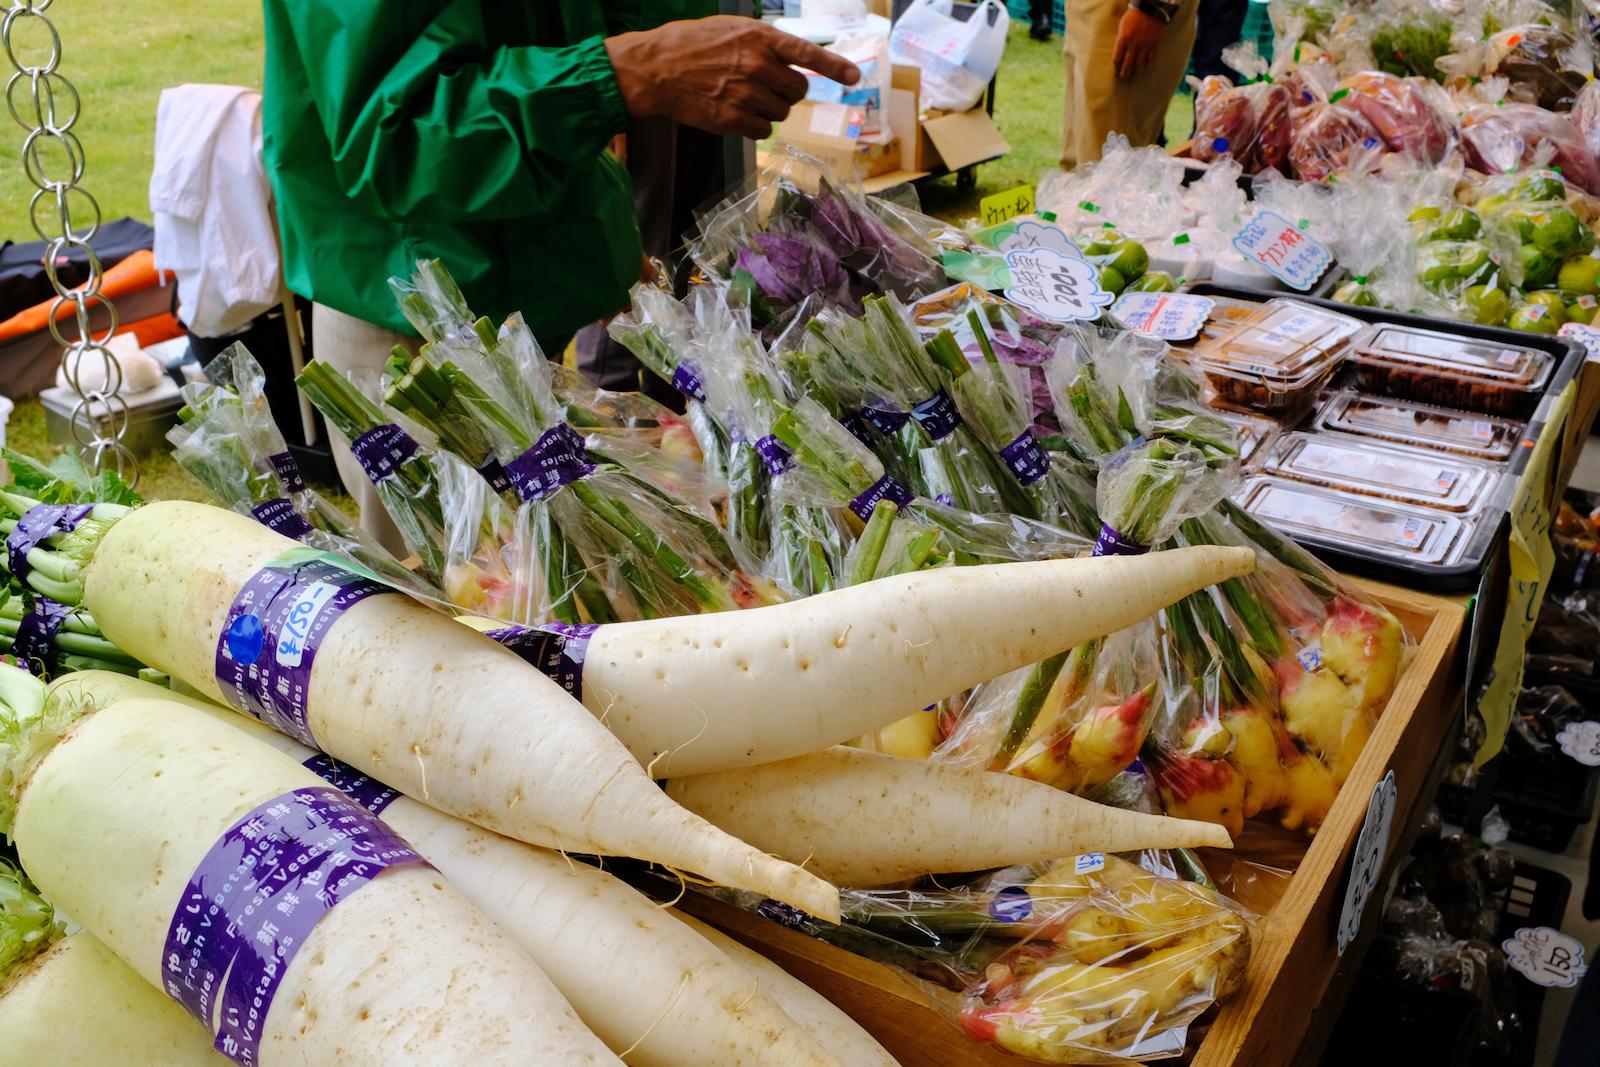 地元農家からの採れたて野菜はあっという間に売り切れに